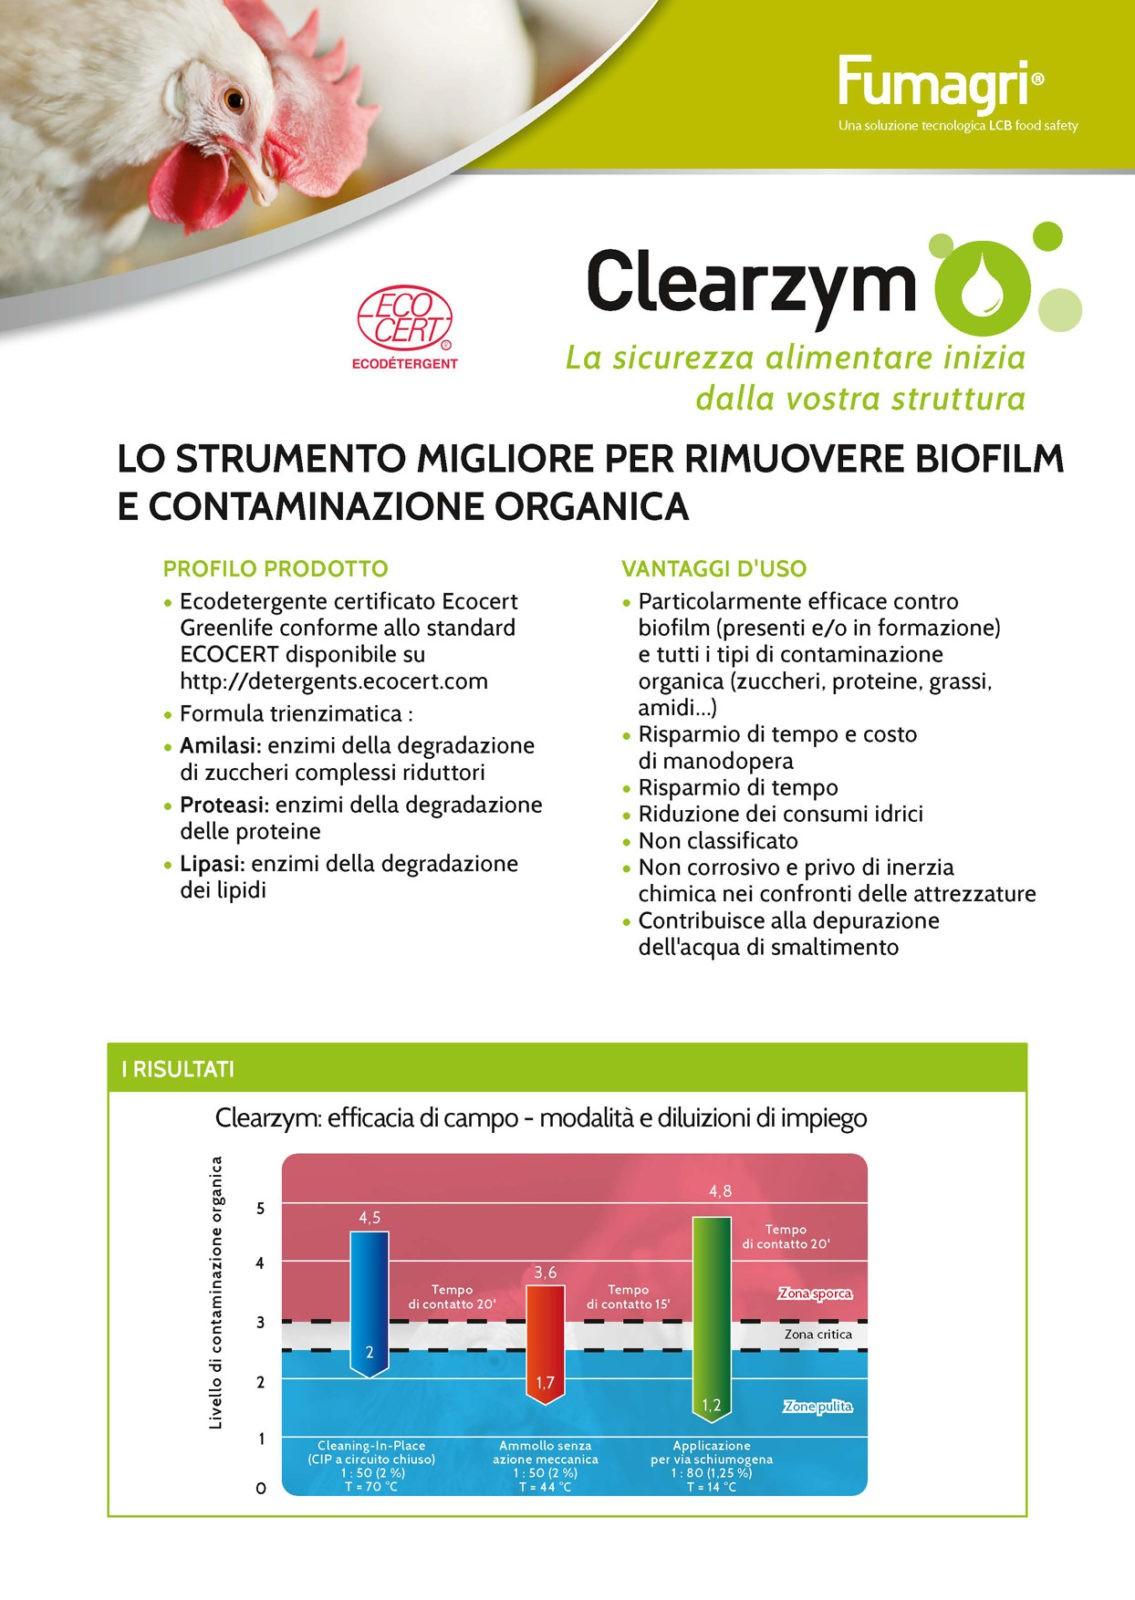 Clearzym: lo strumento migliore per rimuovere biofilm e contaminazione organica